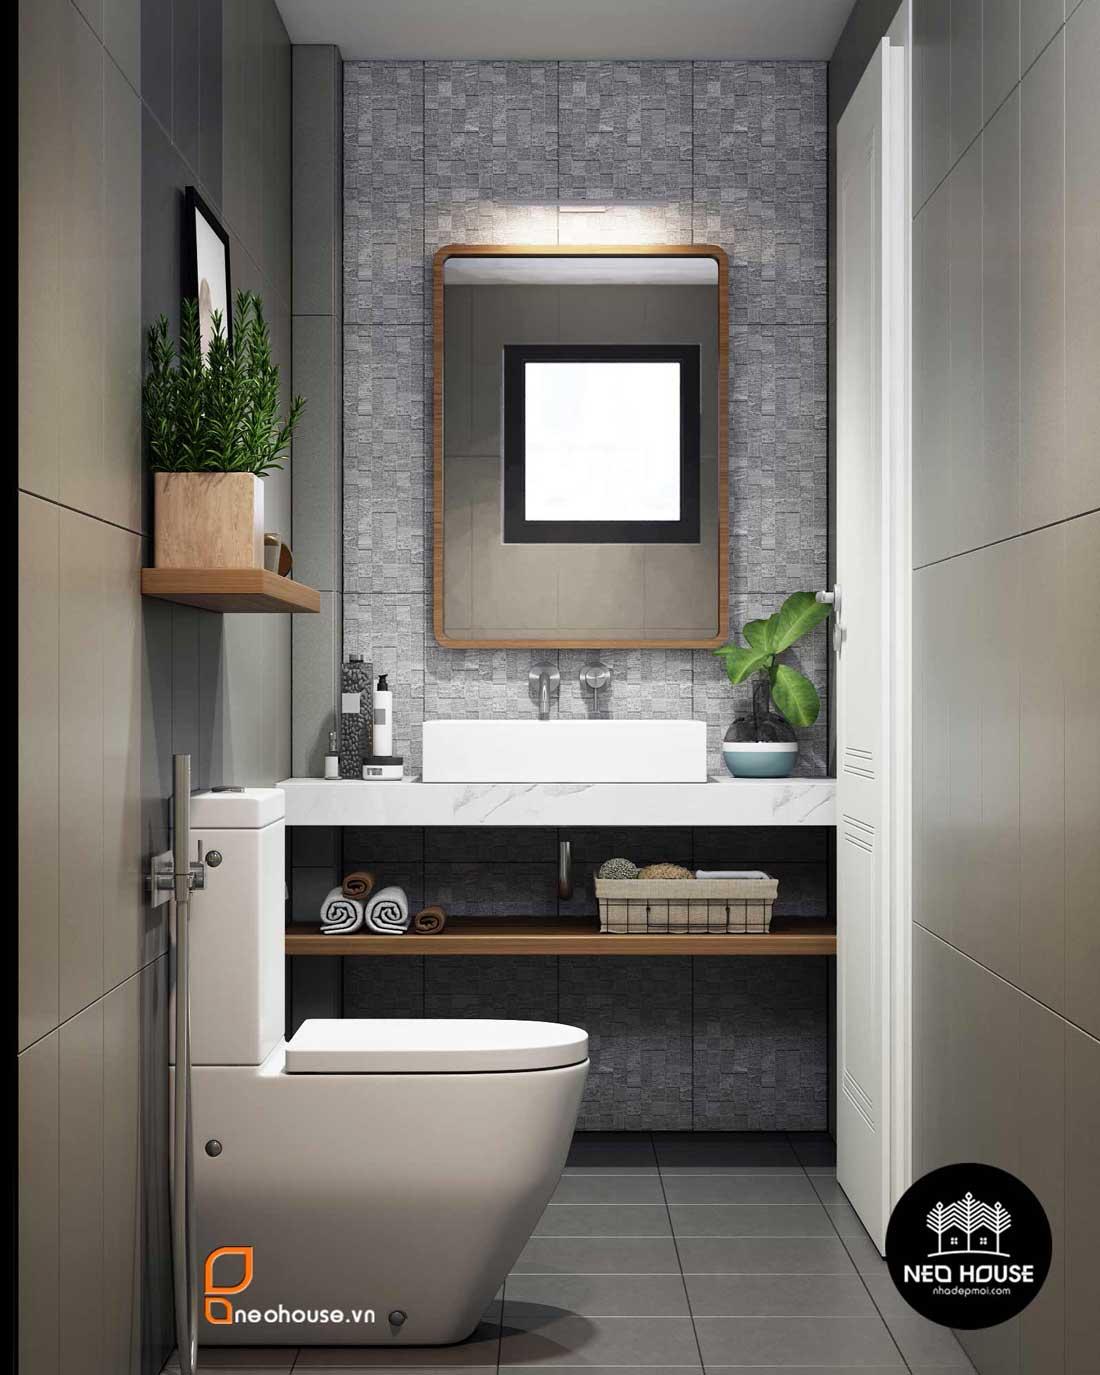 mẫu thiết kế nội thất phòng tắm Toilet 1